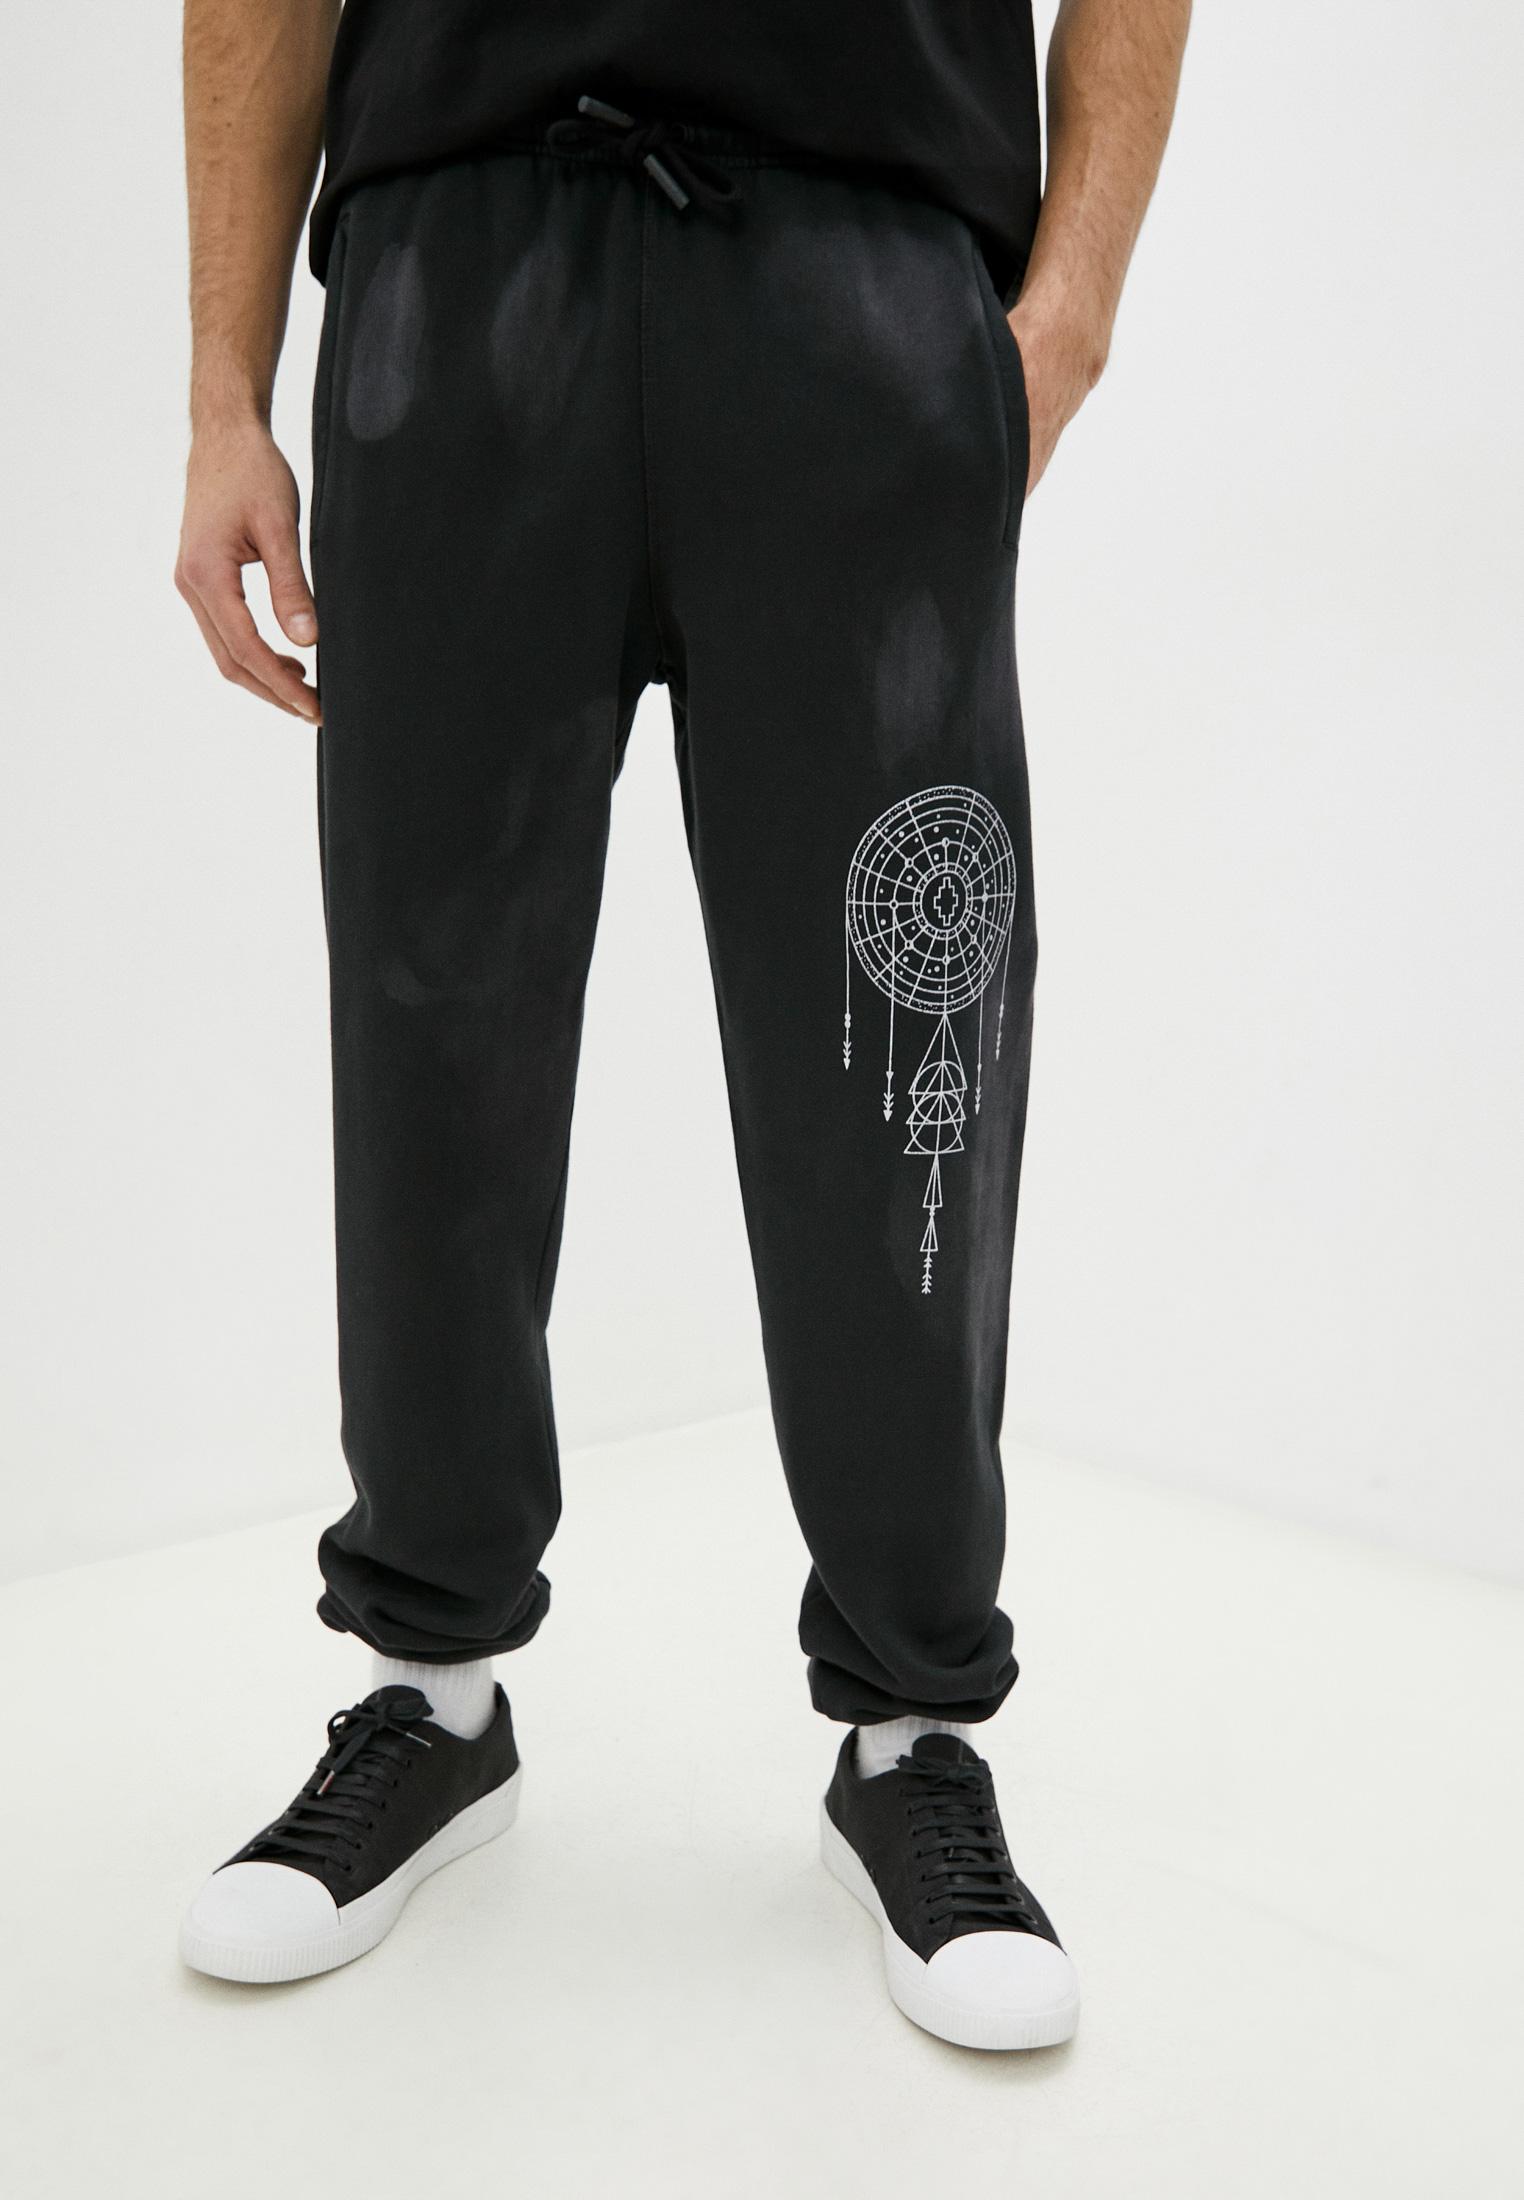 Мужские спортивные брюки Marcelo Burlon. County of Milan Брюки спортивные Marcelo Burlon County of Milan